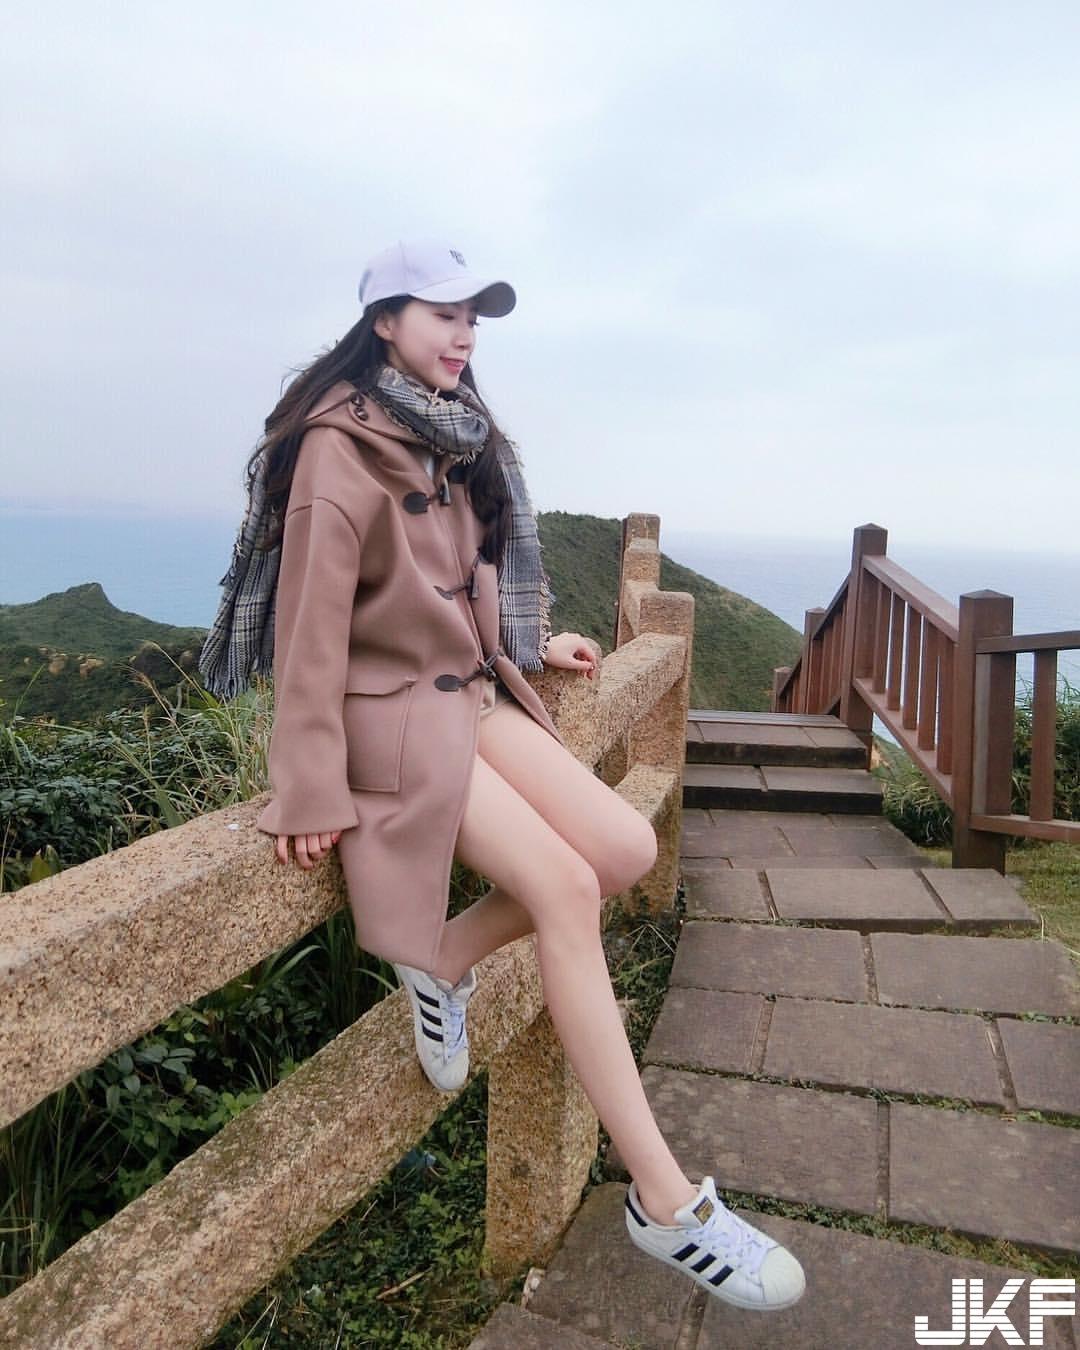 逆天長腿妹劉雨岑 完全超越大學生的身材規格 - 素人正妹 -